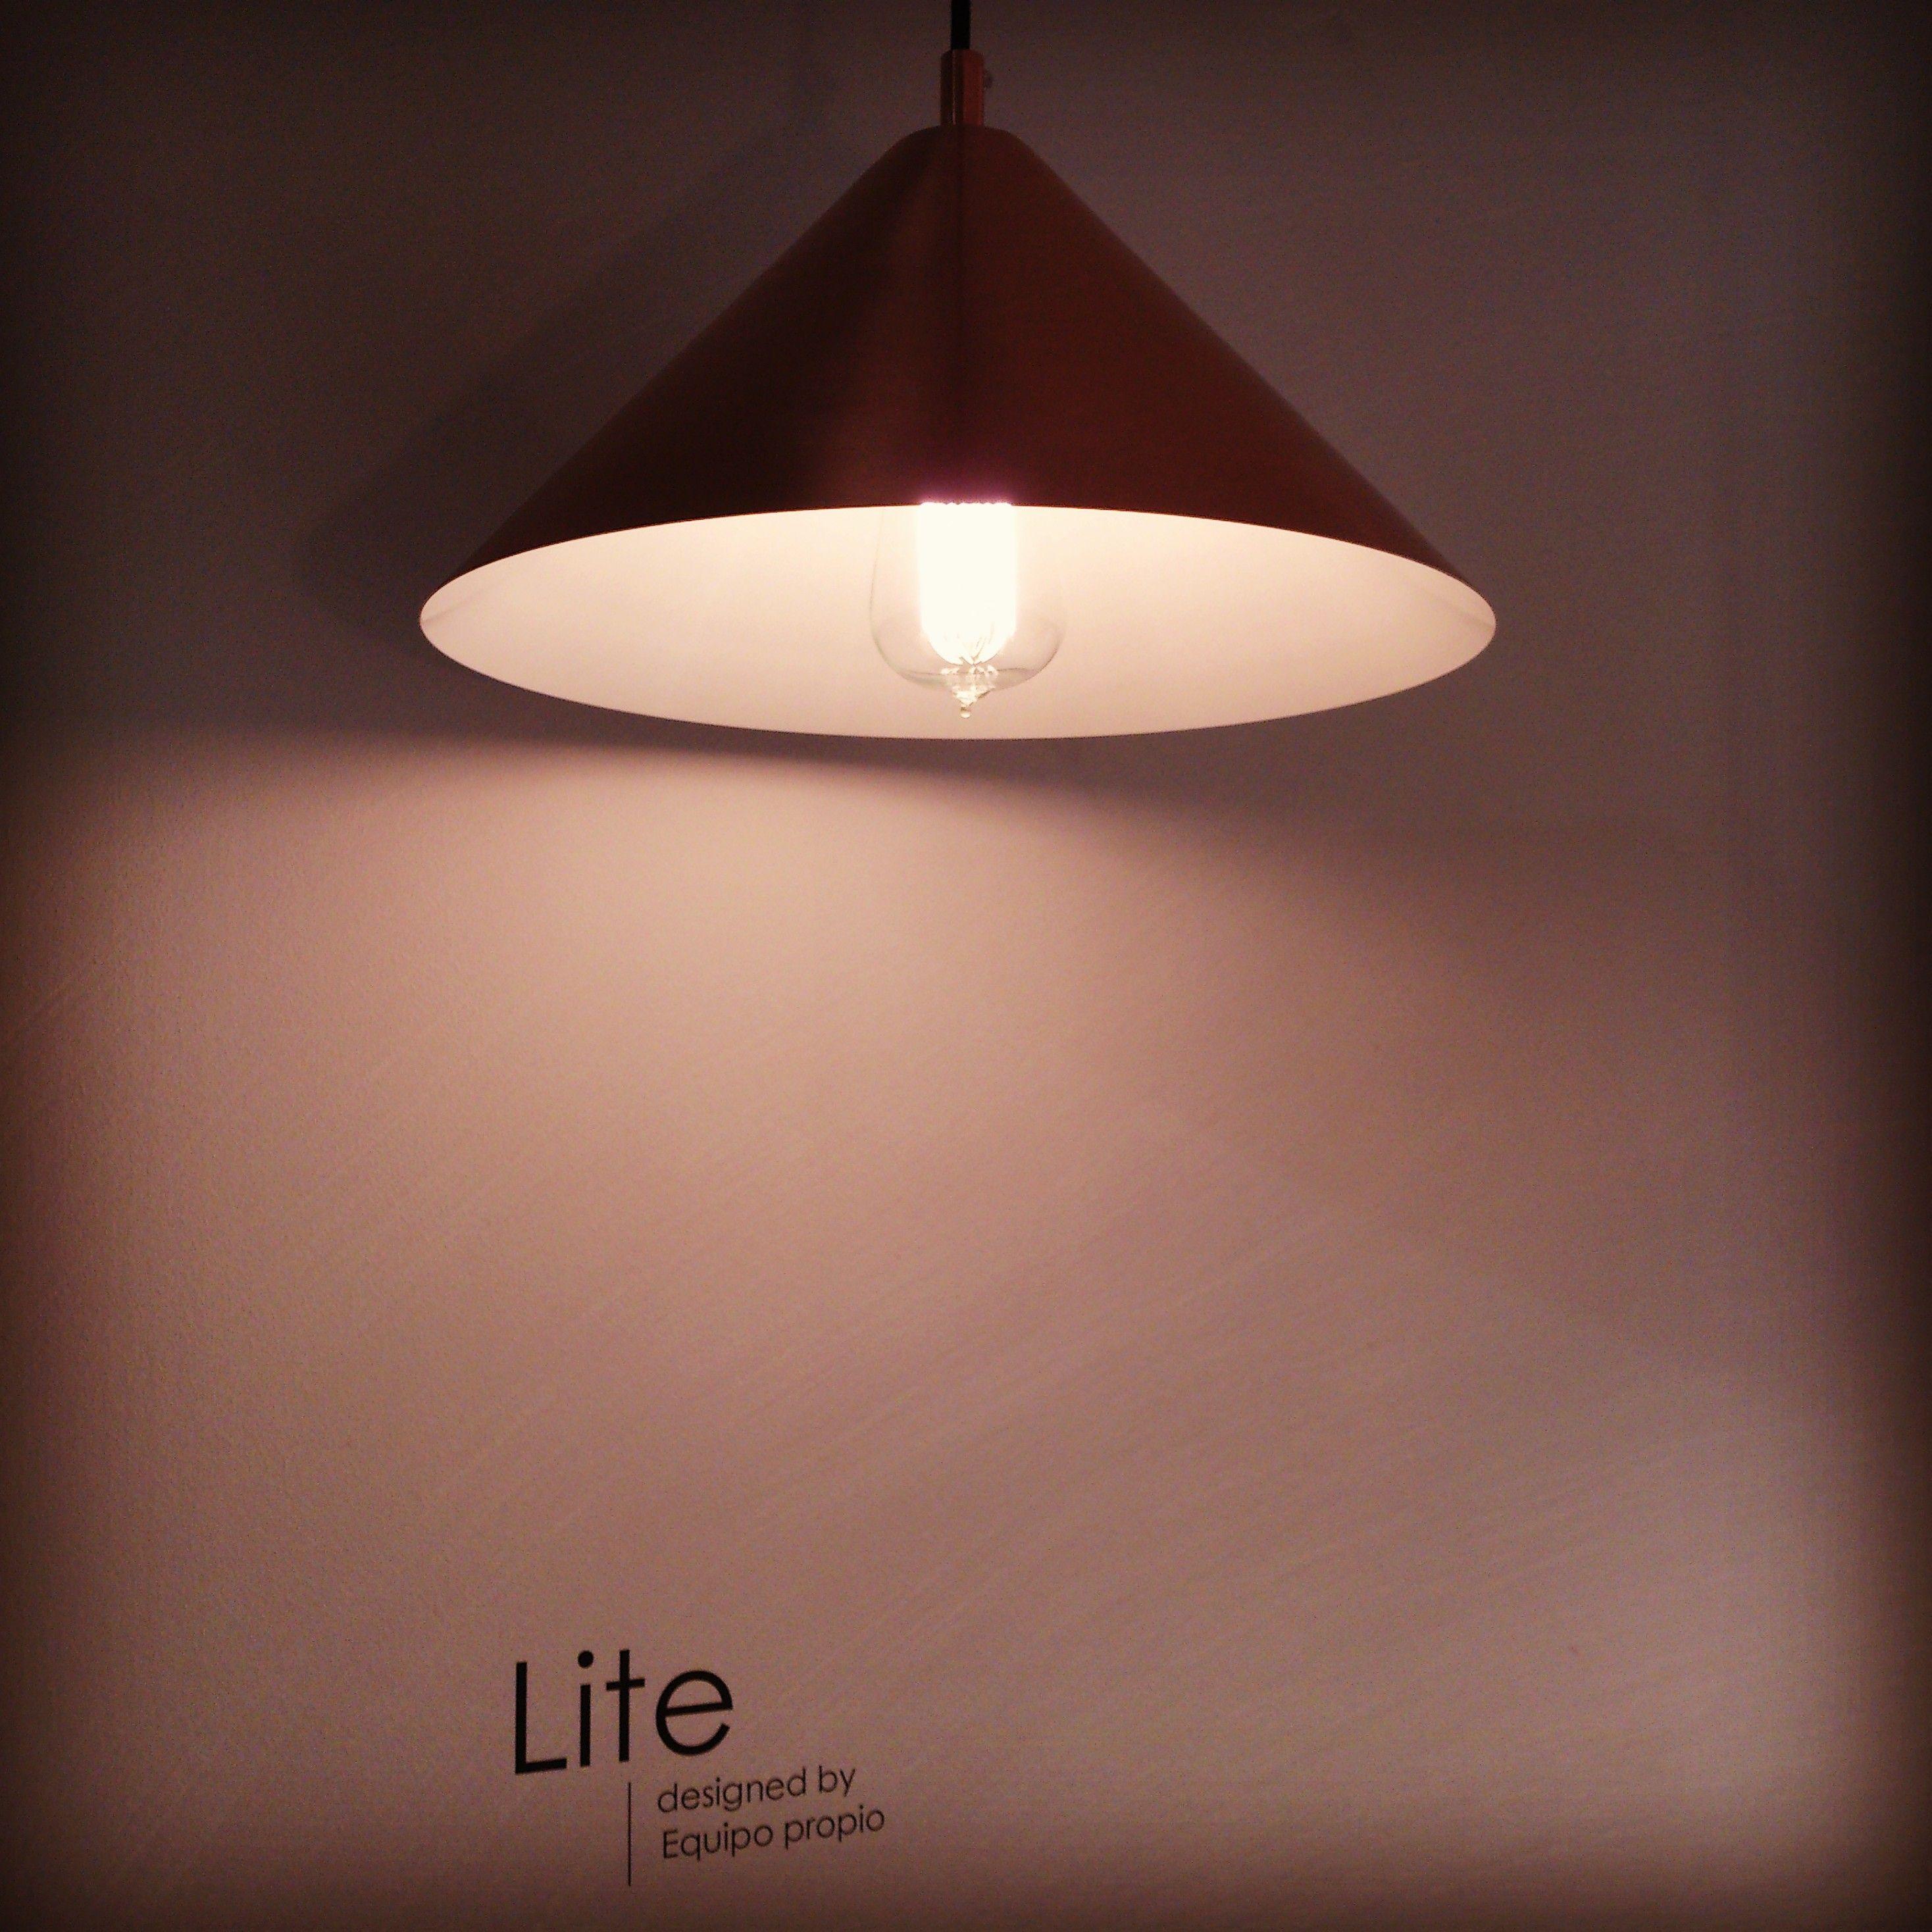 DE VENTA EN #rufoiluminacion Colgante Lite @Massmi iluminación iluminación en Hábitat Valencia 2014